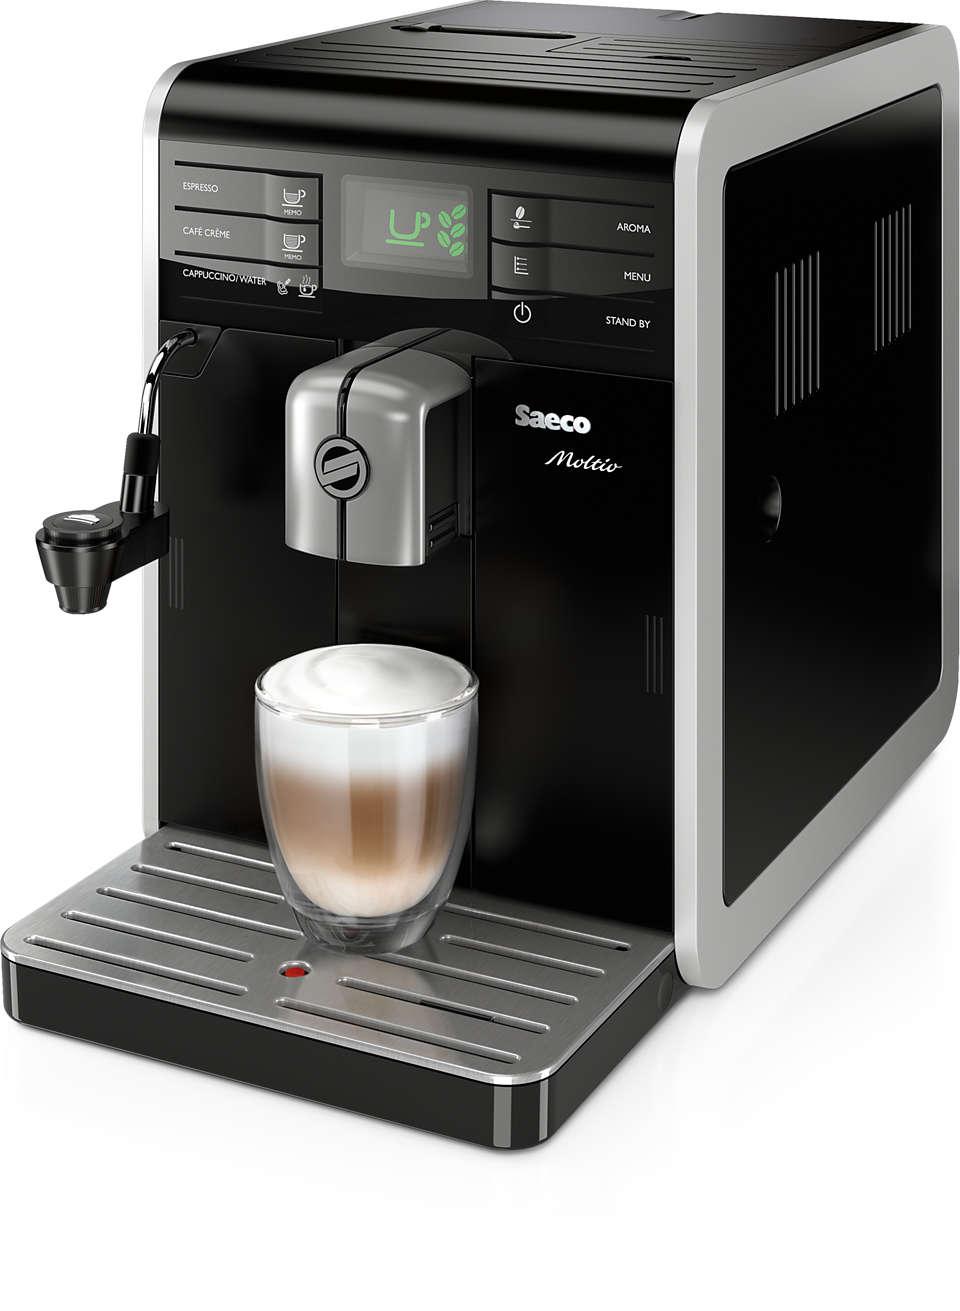 A chaque instant son plaisir café